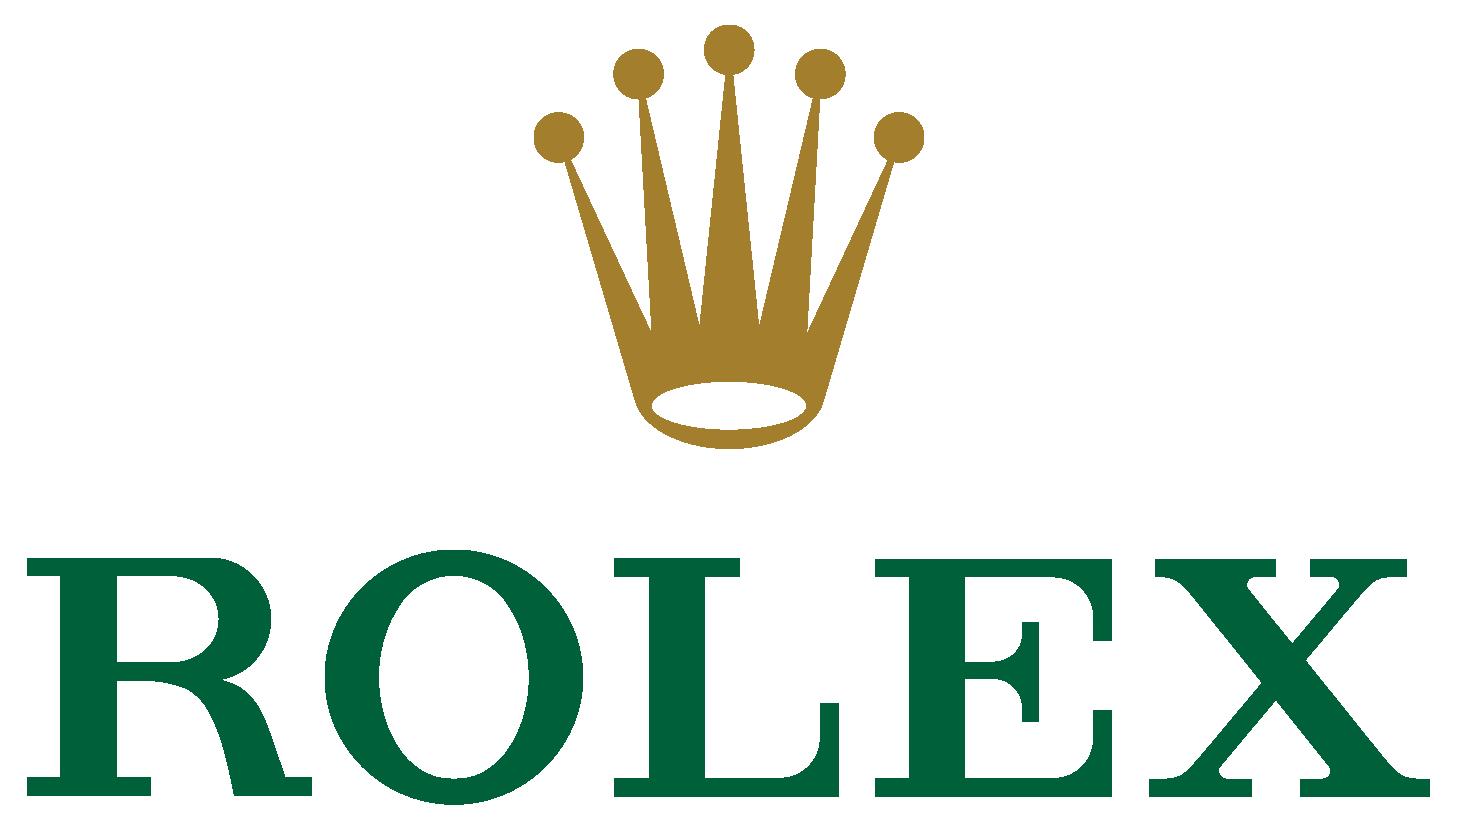 โลโก้นาฬิกา Rolex - Rolex Price - Rolex NGG Udonthani